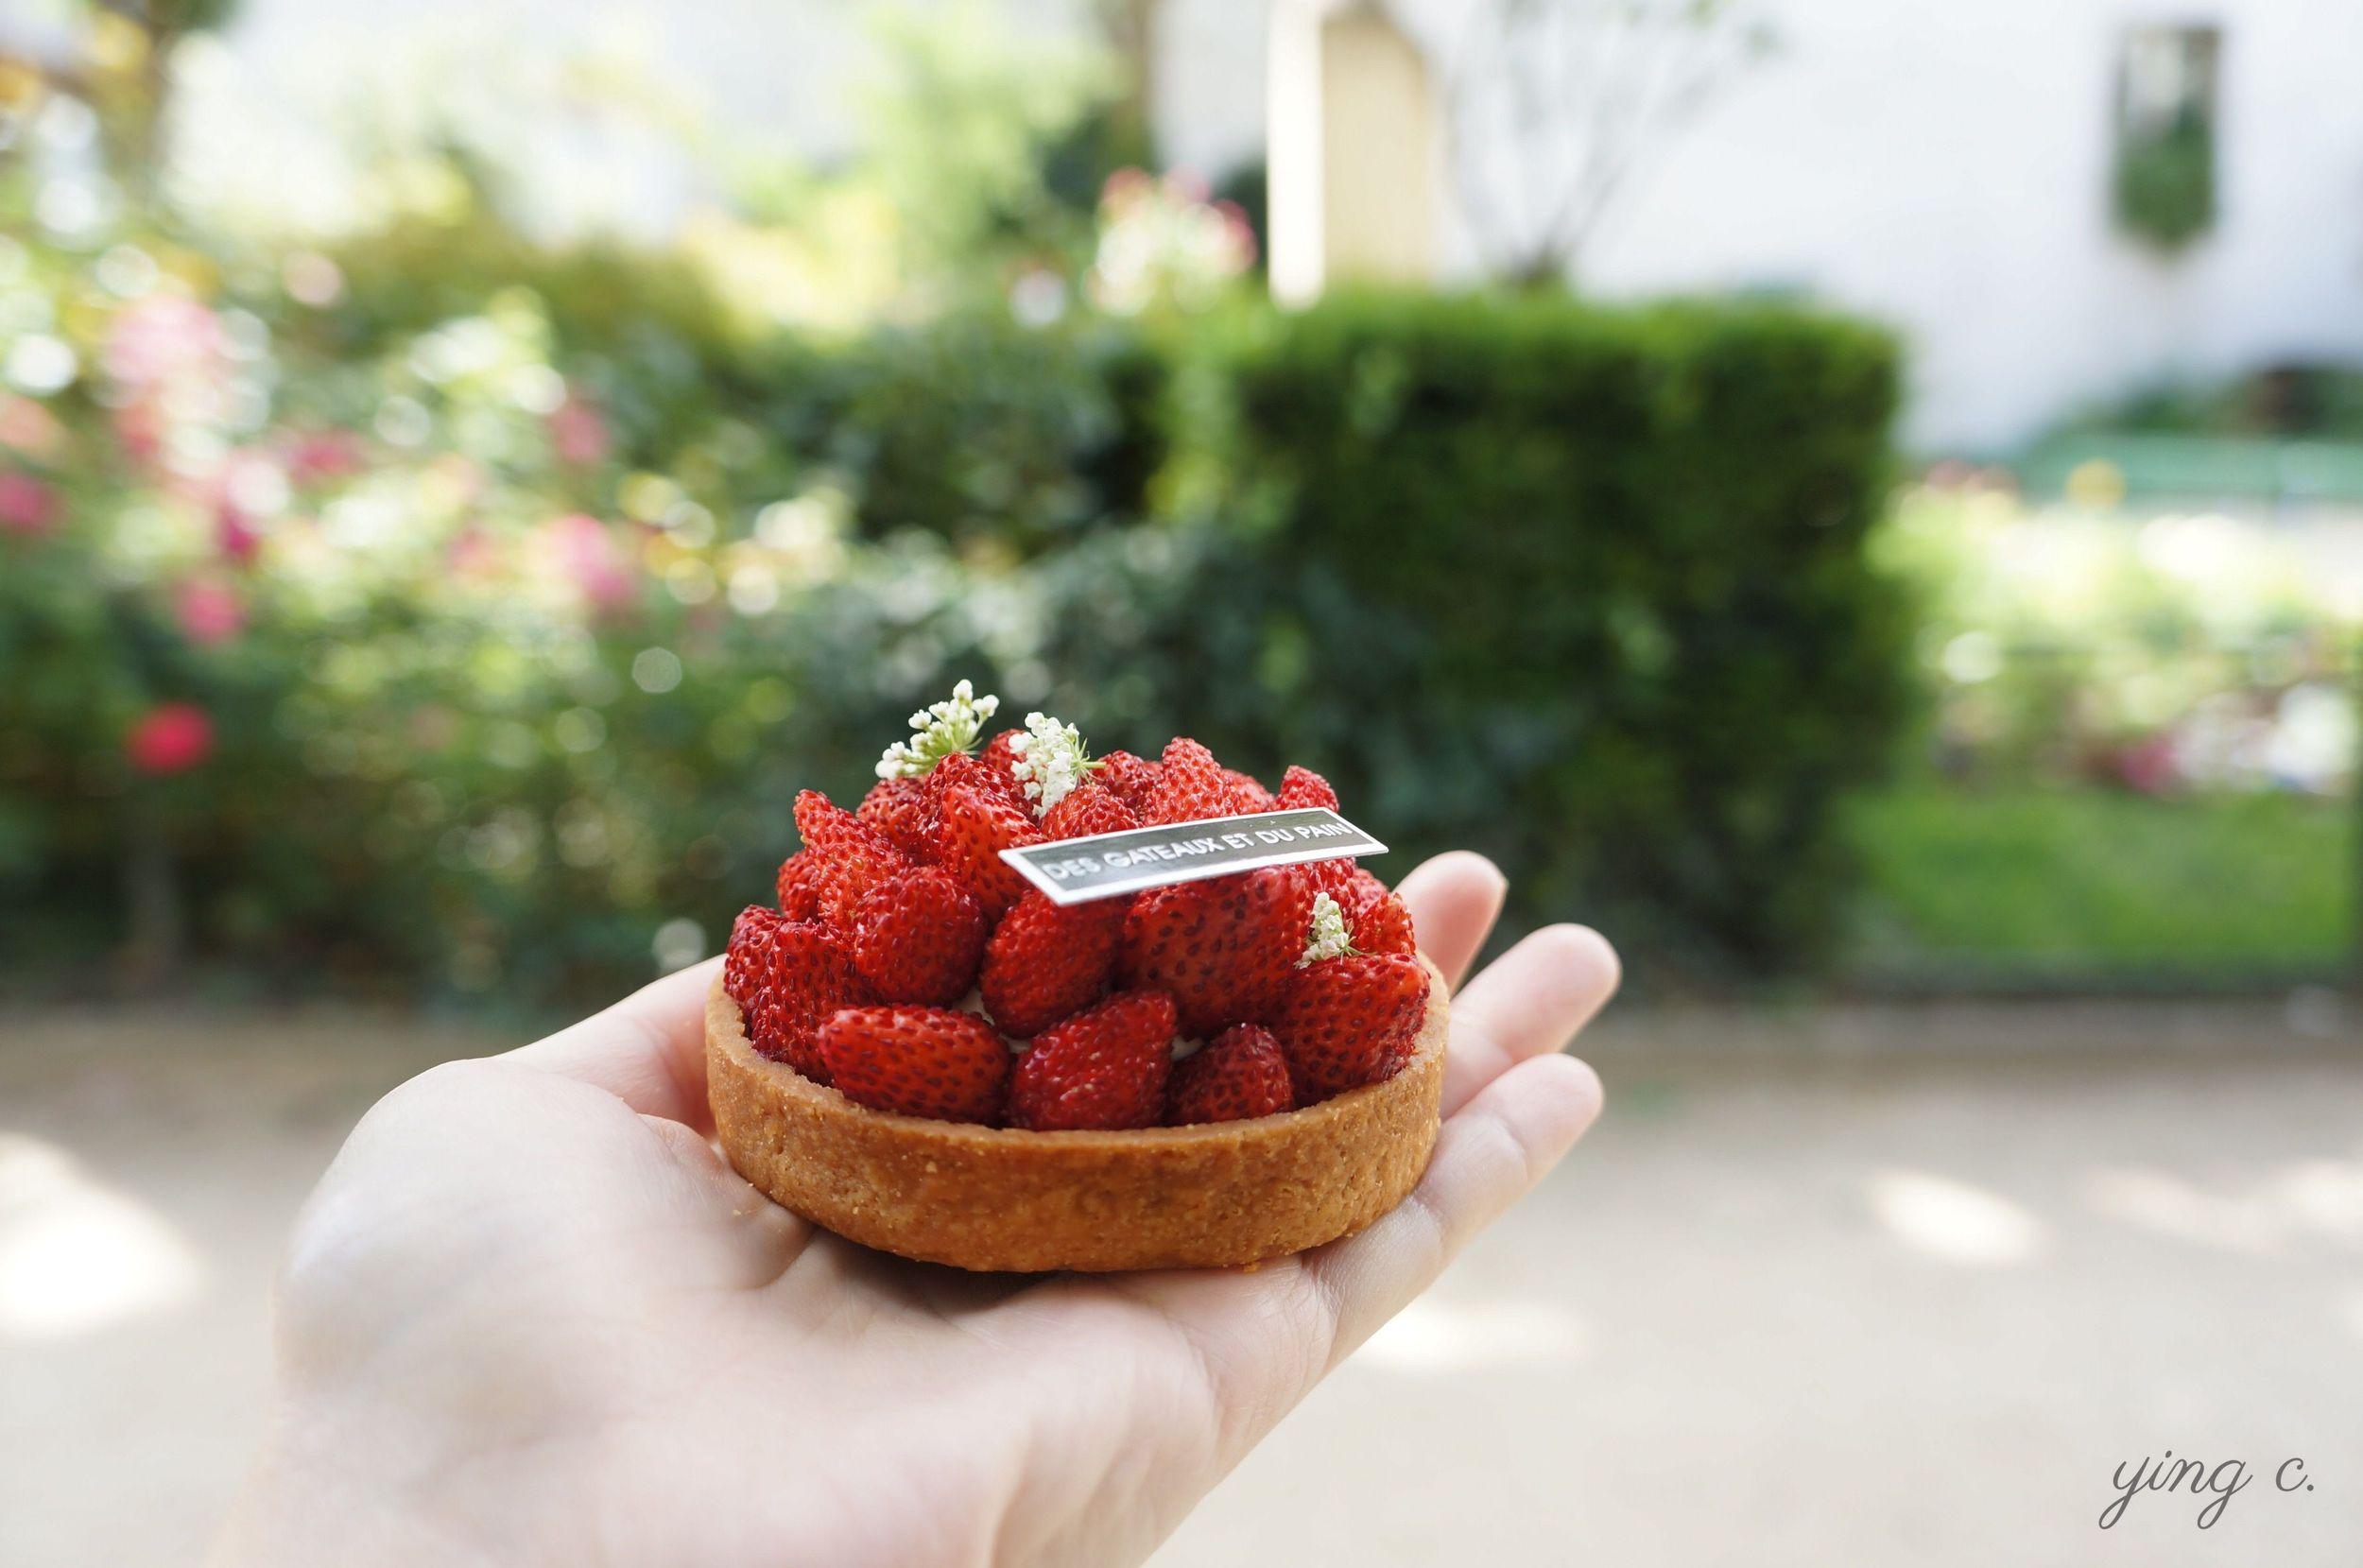 圖11.「Fragaria Vesca」野莓塔側面照。 透過這次的專欄,你現在是不是也看得出來怎樣的塔皮算是工整漂亮呢?(攝影:Ying Chen)